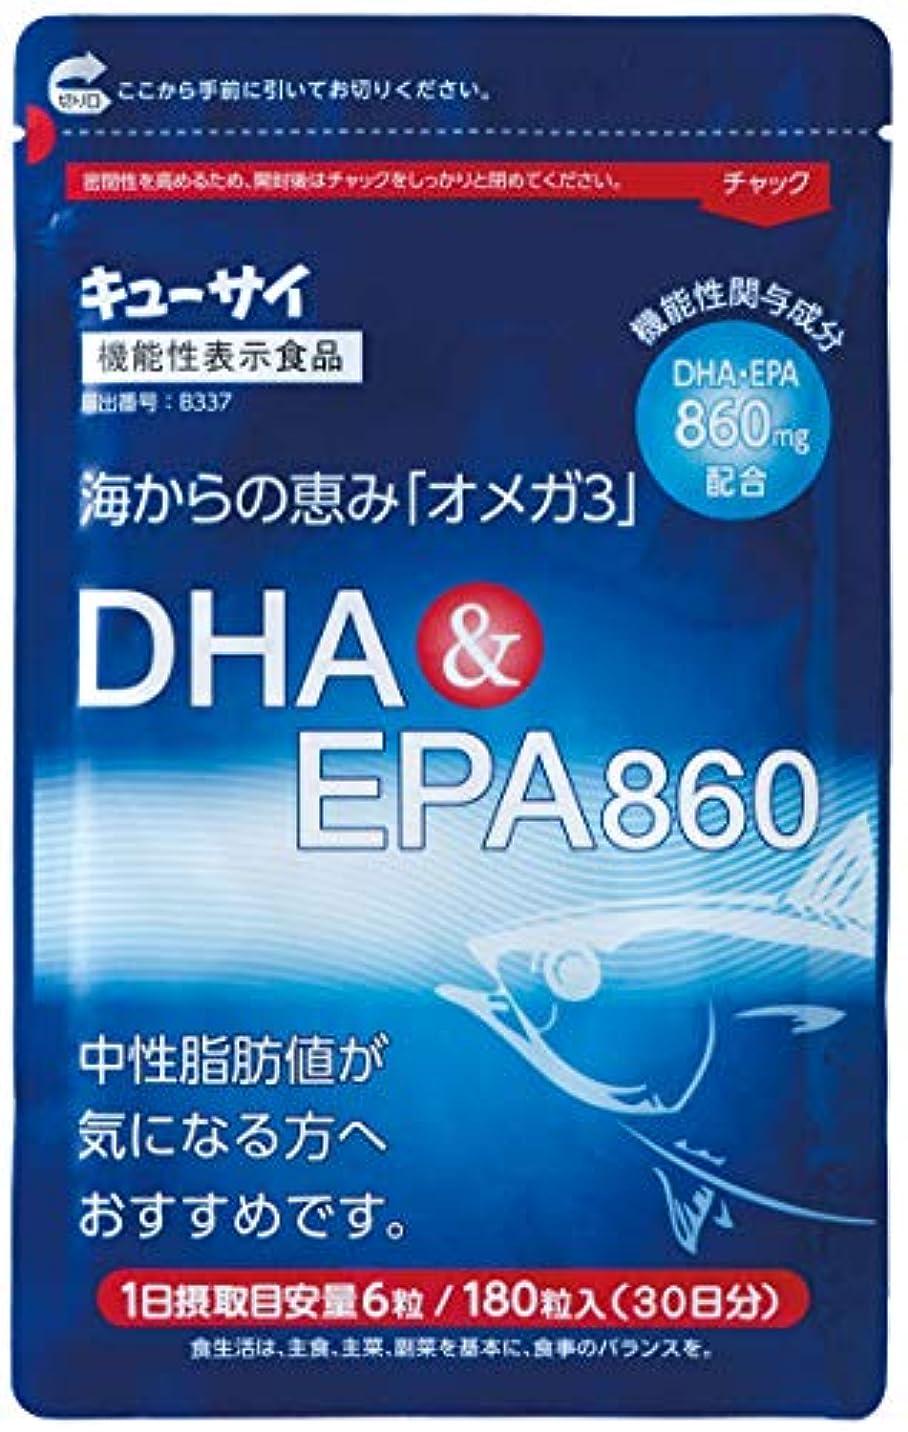 石のヒント協力キューサイ/DHA&EPA860/オメガ3/81.0g(450mg×180粒)(約30日分)/ソフトカプセルタイプ/機能性表示食品